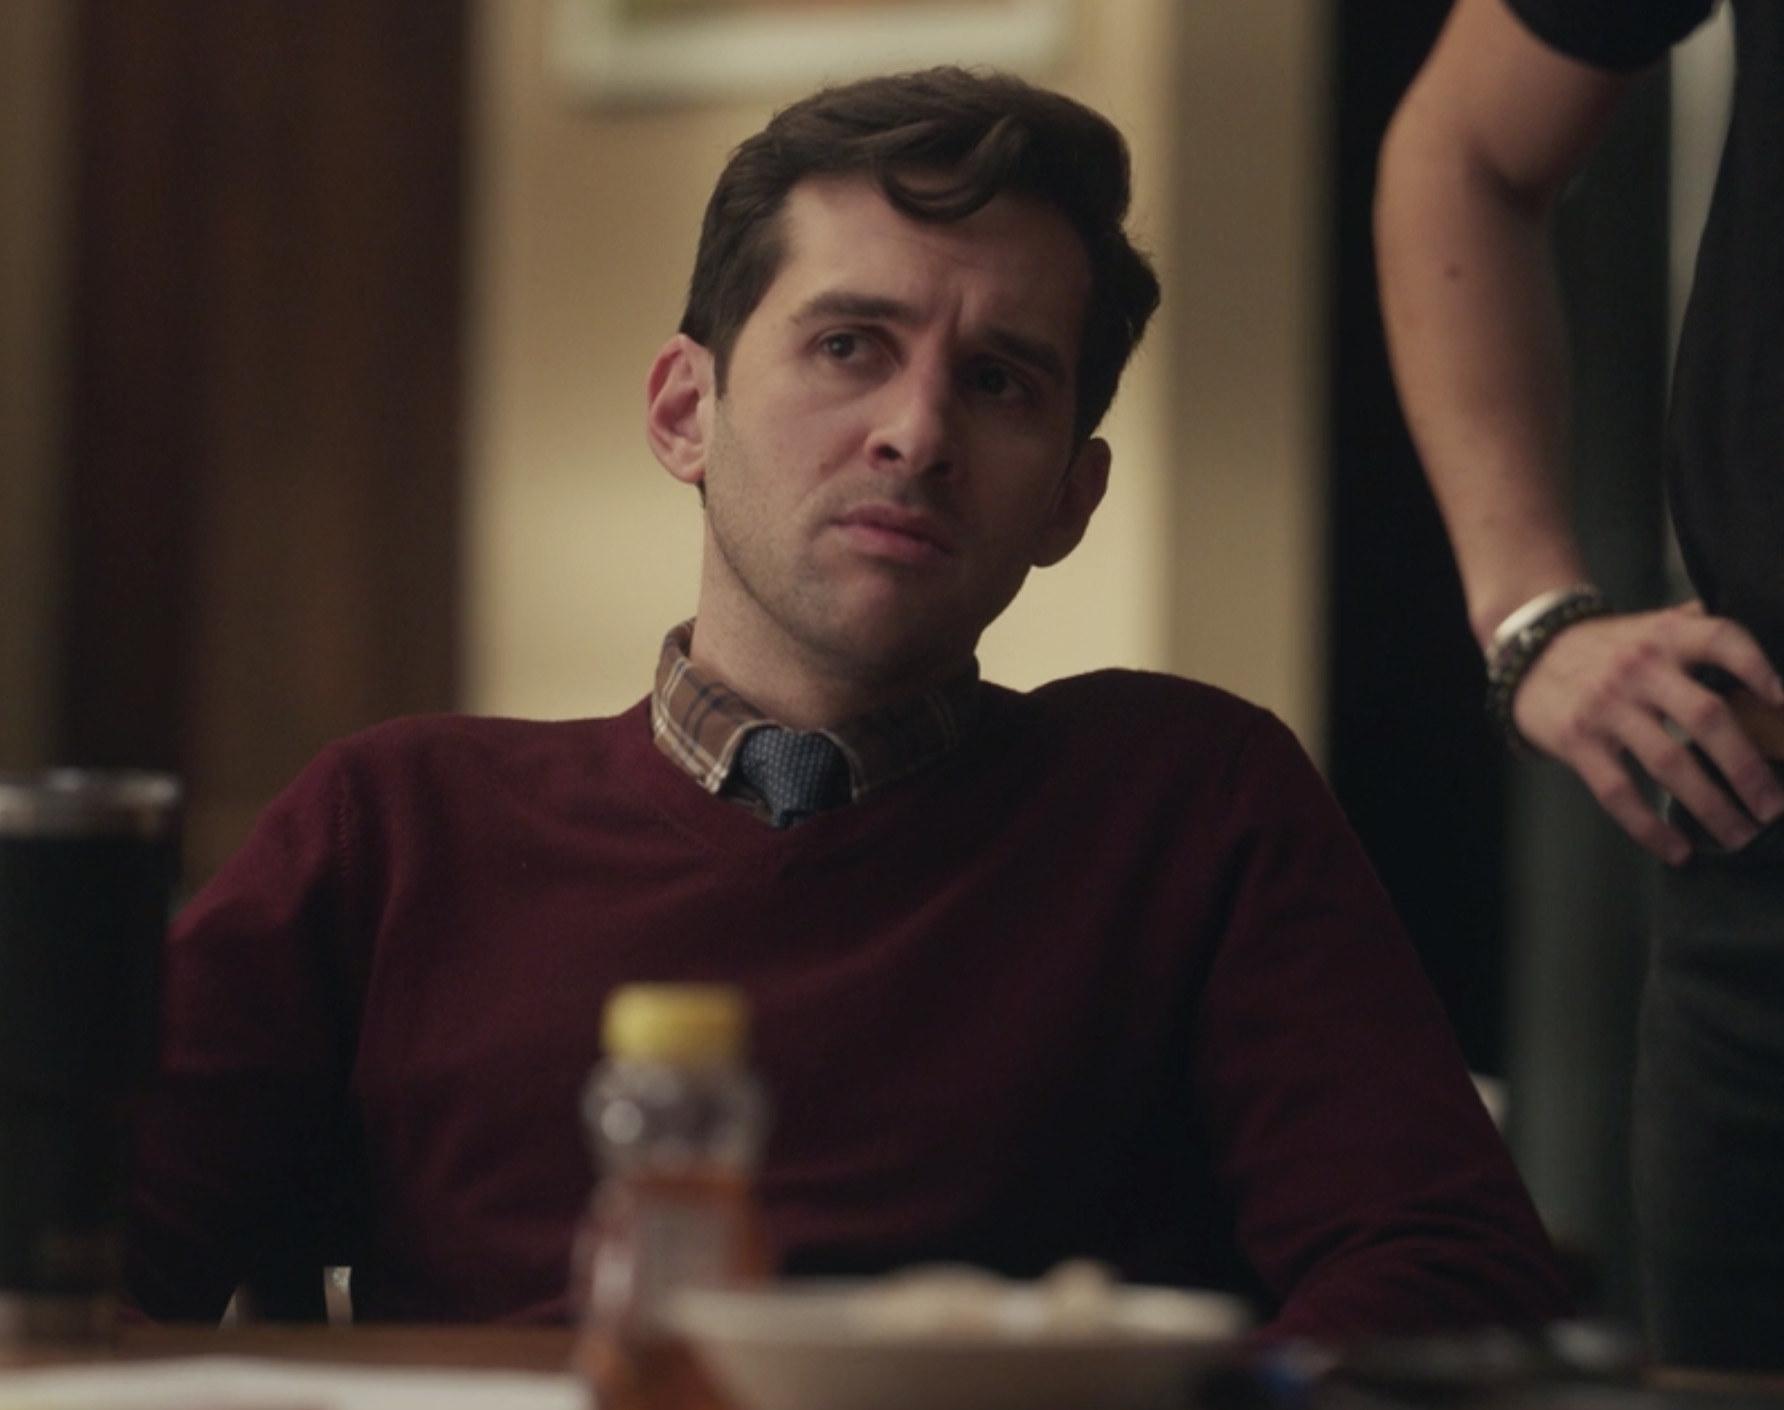 Adam Chandler-Berat as Jordan Glassberg